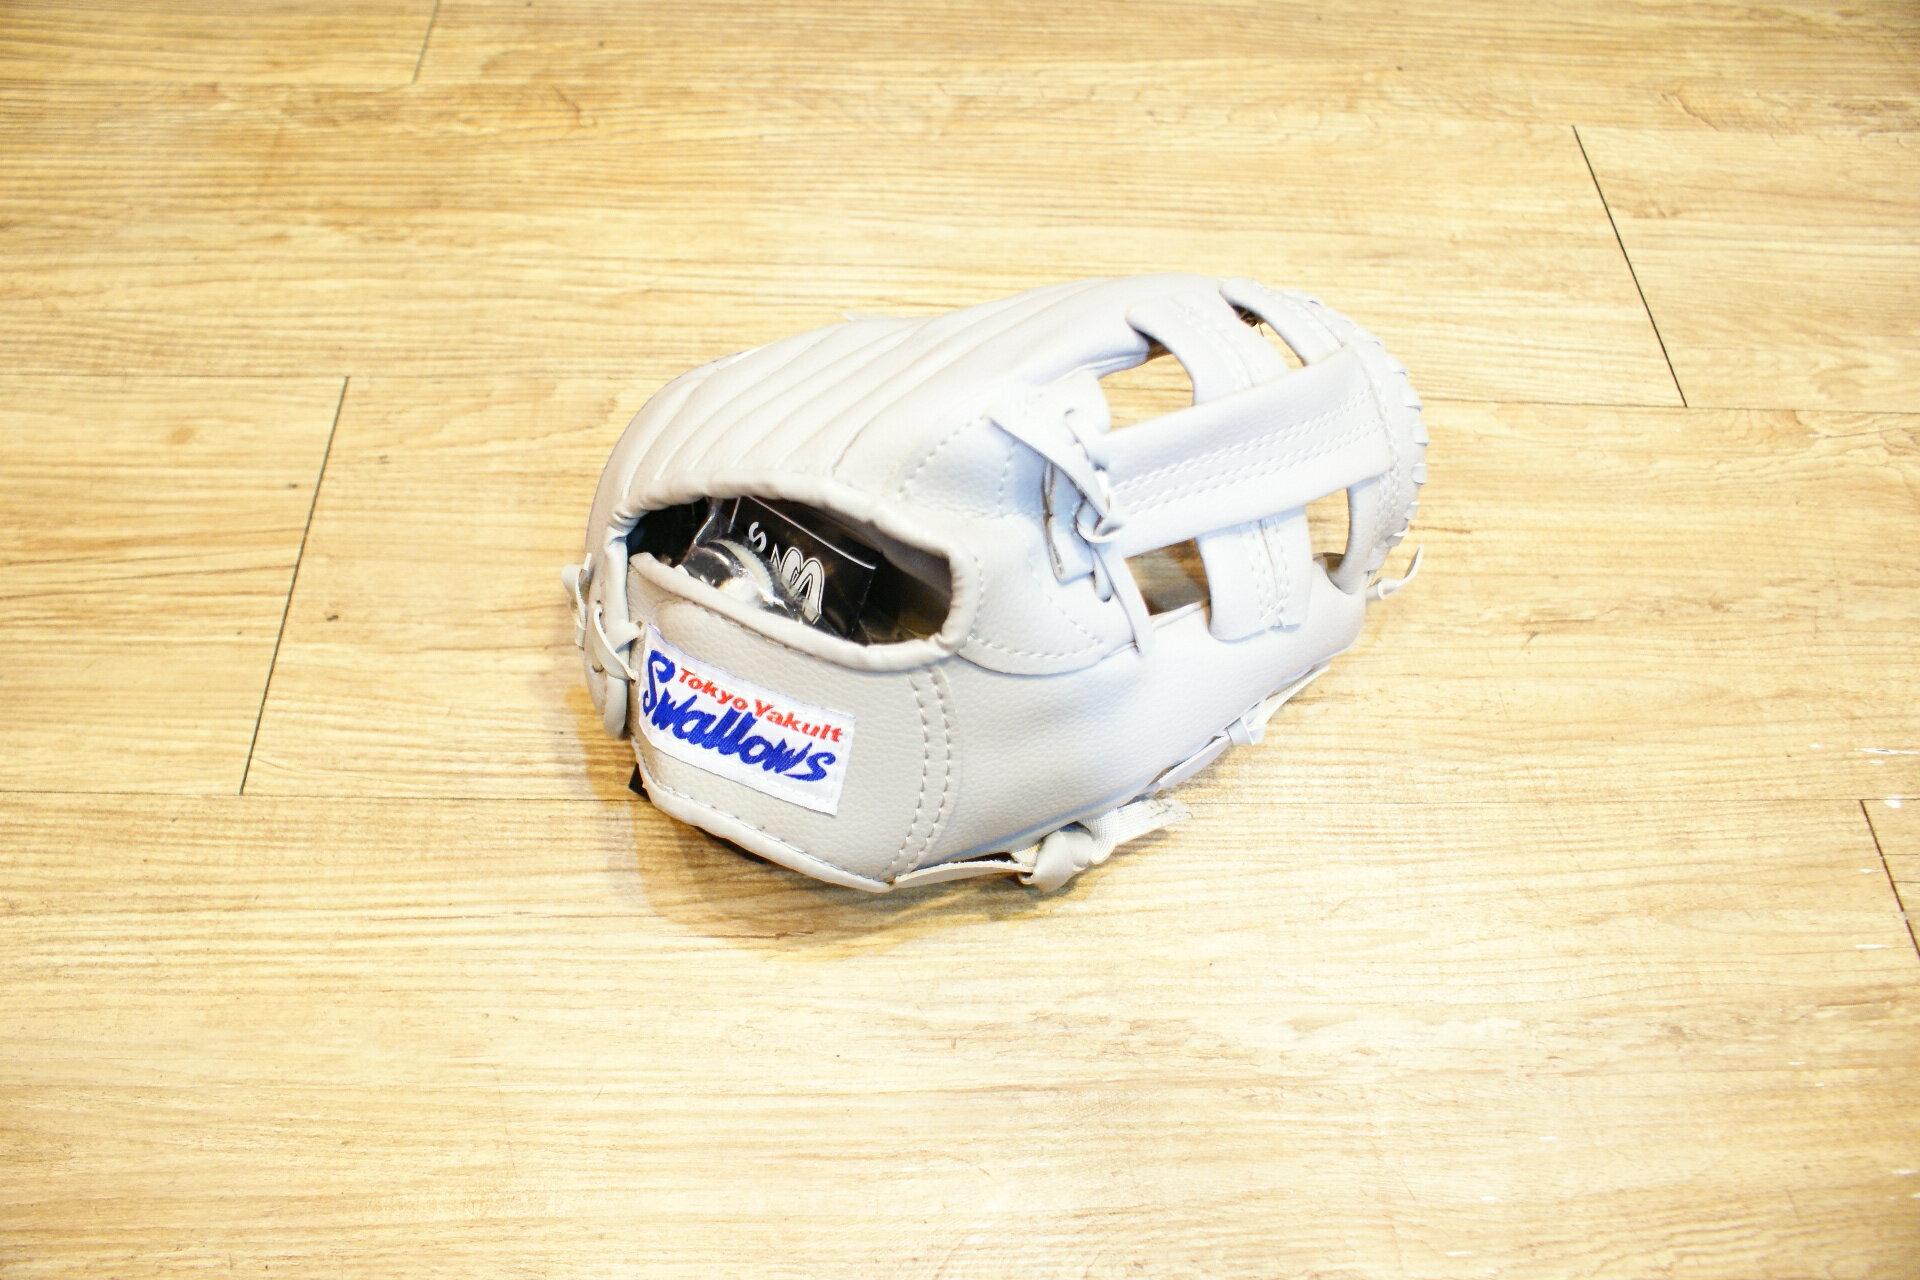 棒球世界  職棒 NPB 東京養樂多燕子隊國小用 手套  10吋 送球